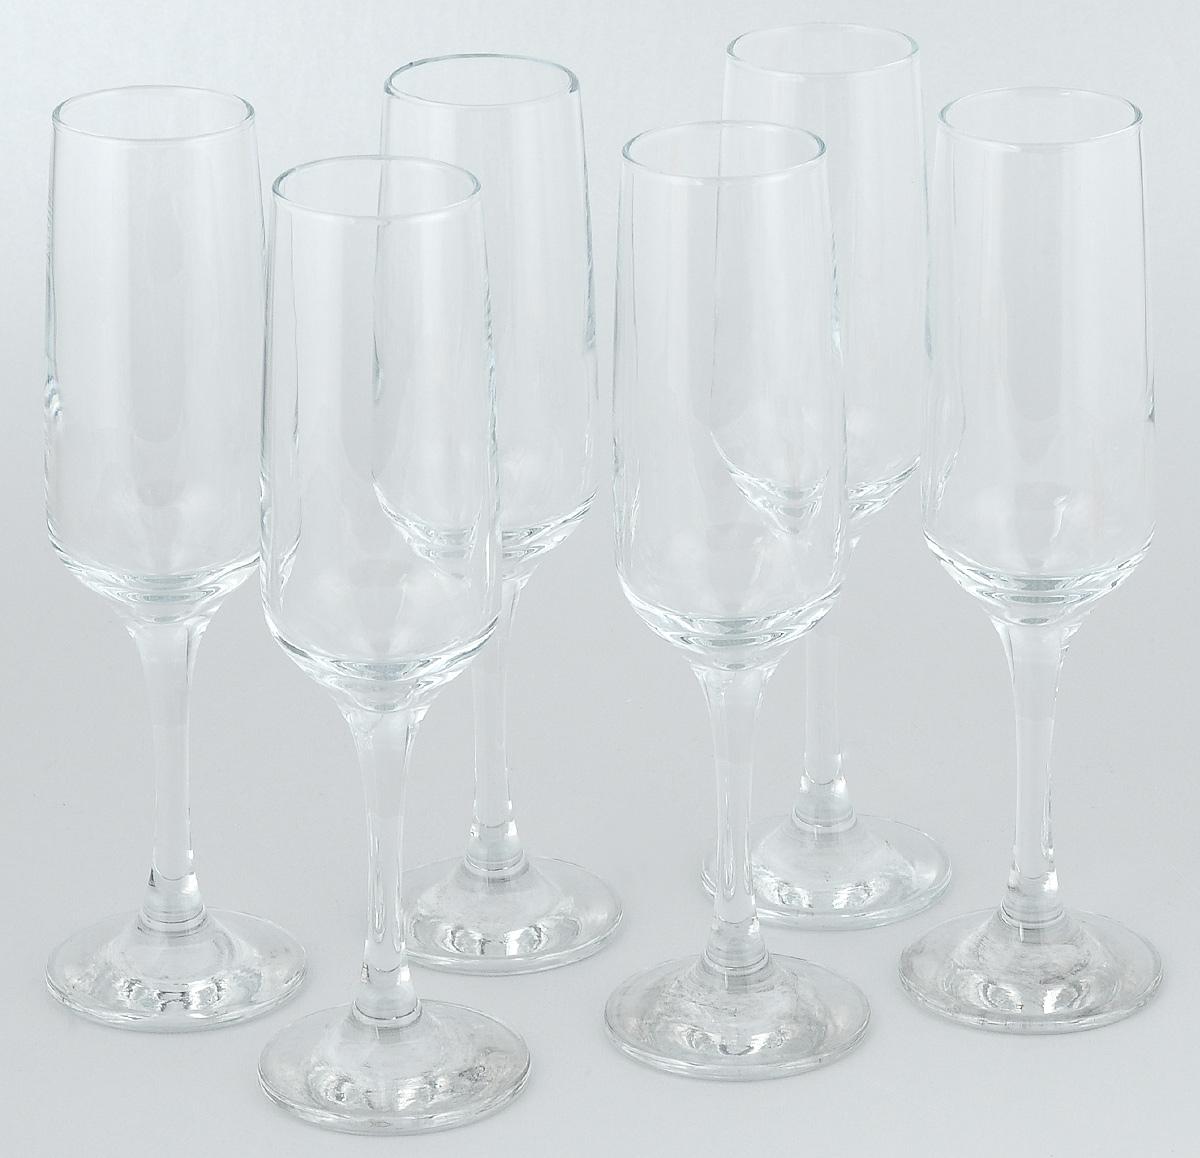 Набор фужеров для шампанского Pasabahce Isabella, 200 мл, 6 шт набор бокалов pasabahce isabella 65 мл 6 шт